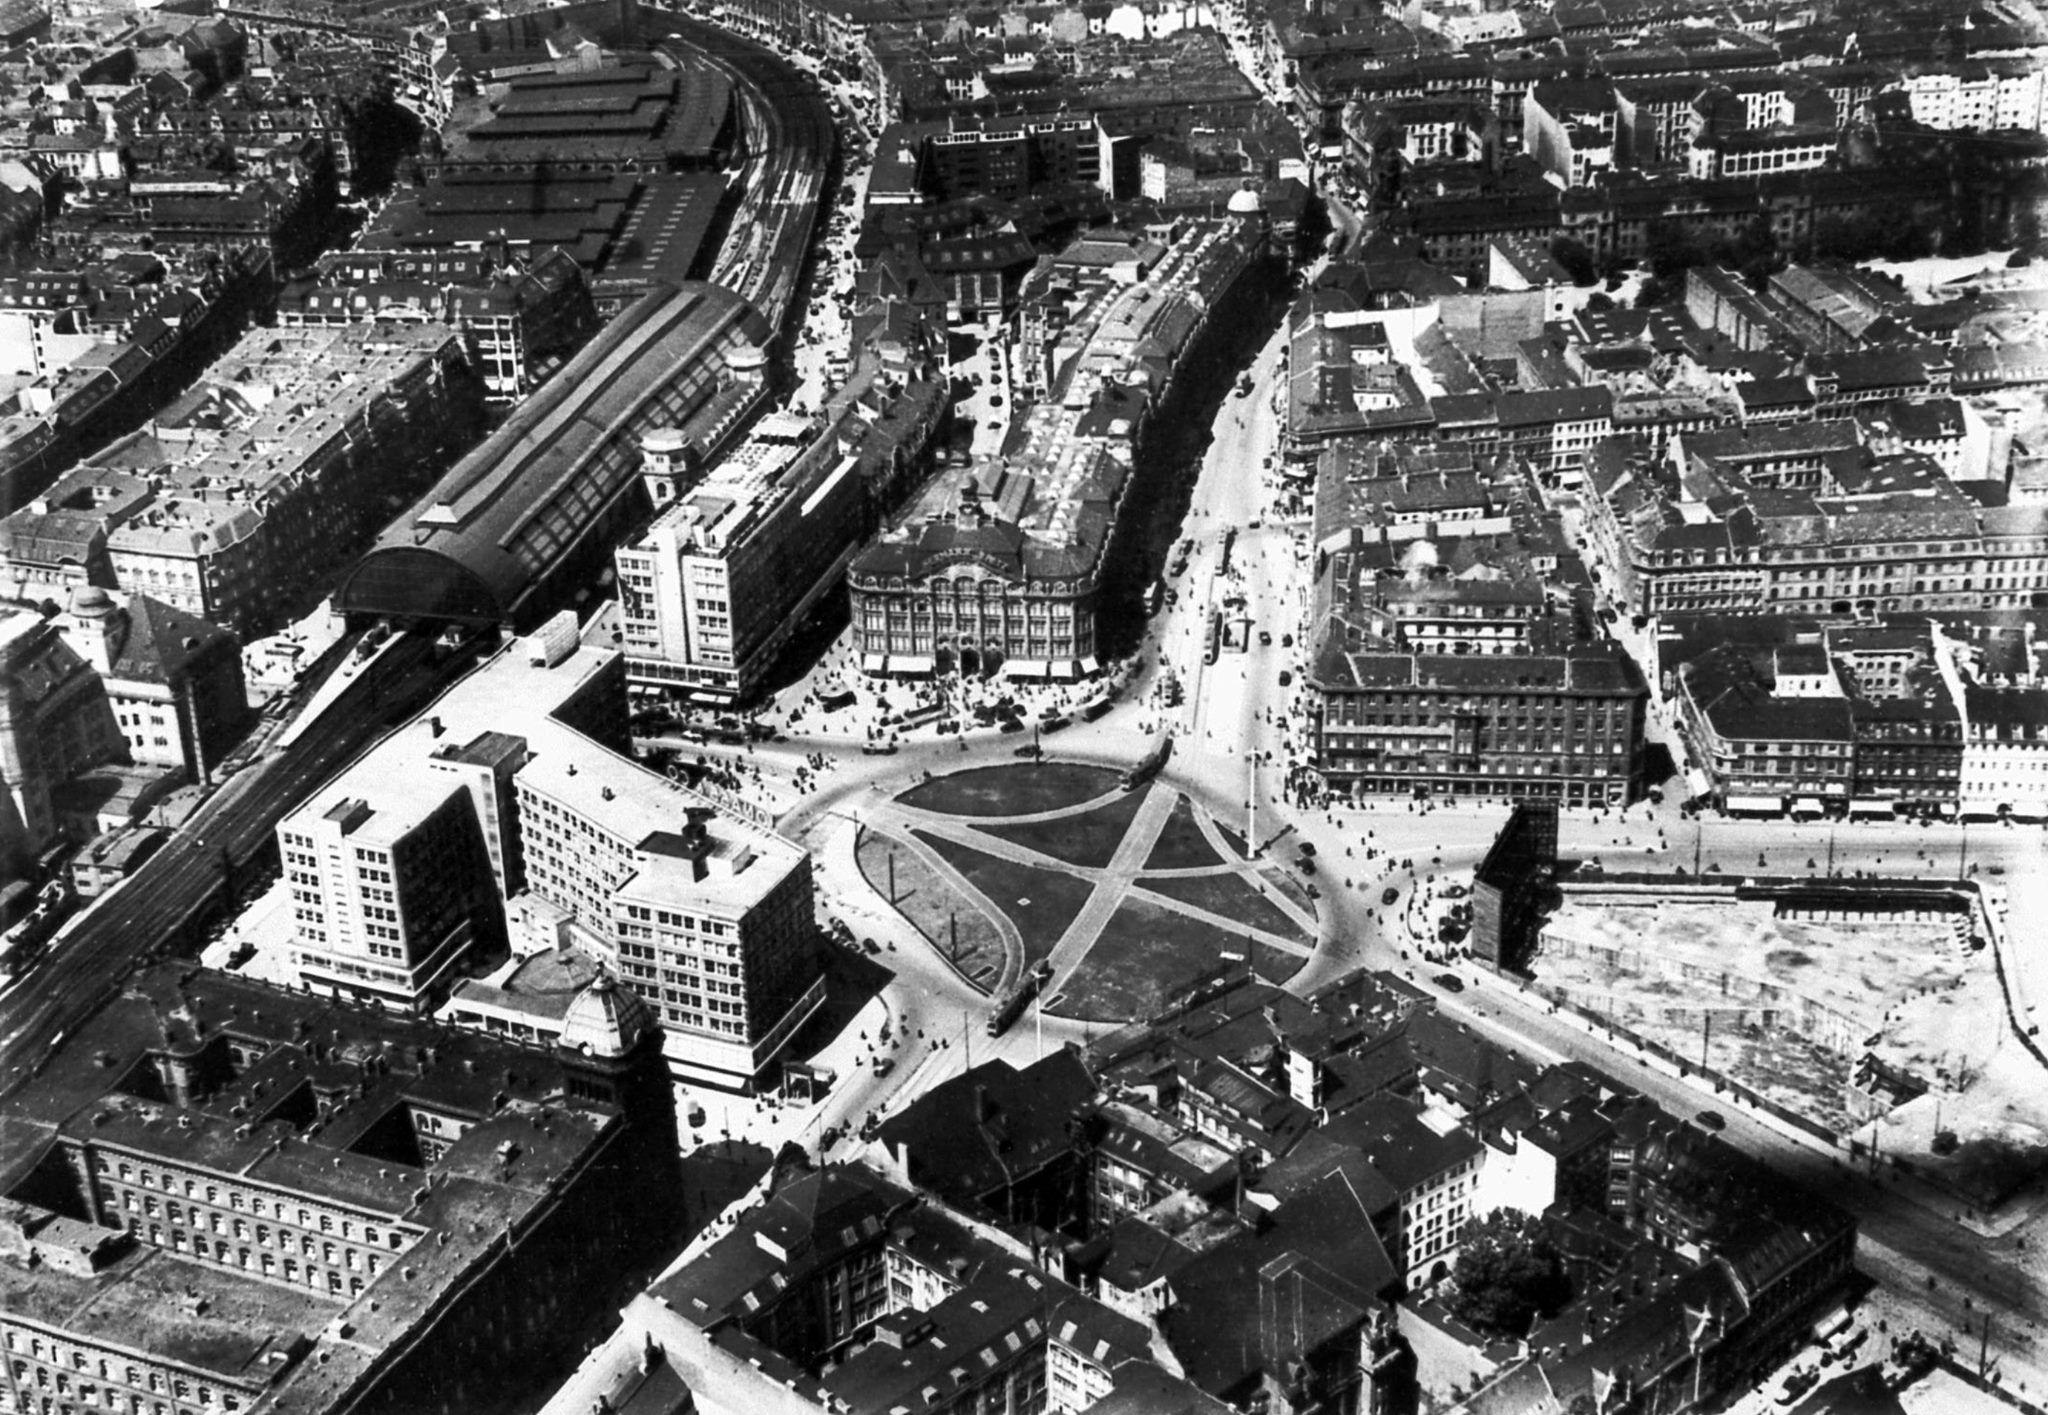 1935 Luftaufnahme Berlin Alexanderplatz Nach Der Umgestaltung Kaserne Ist Oben Rechts Berlin Alexanderplatz Berlin Heute Friedrichstrasse